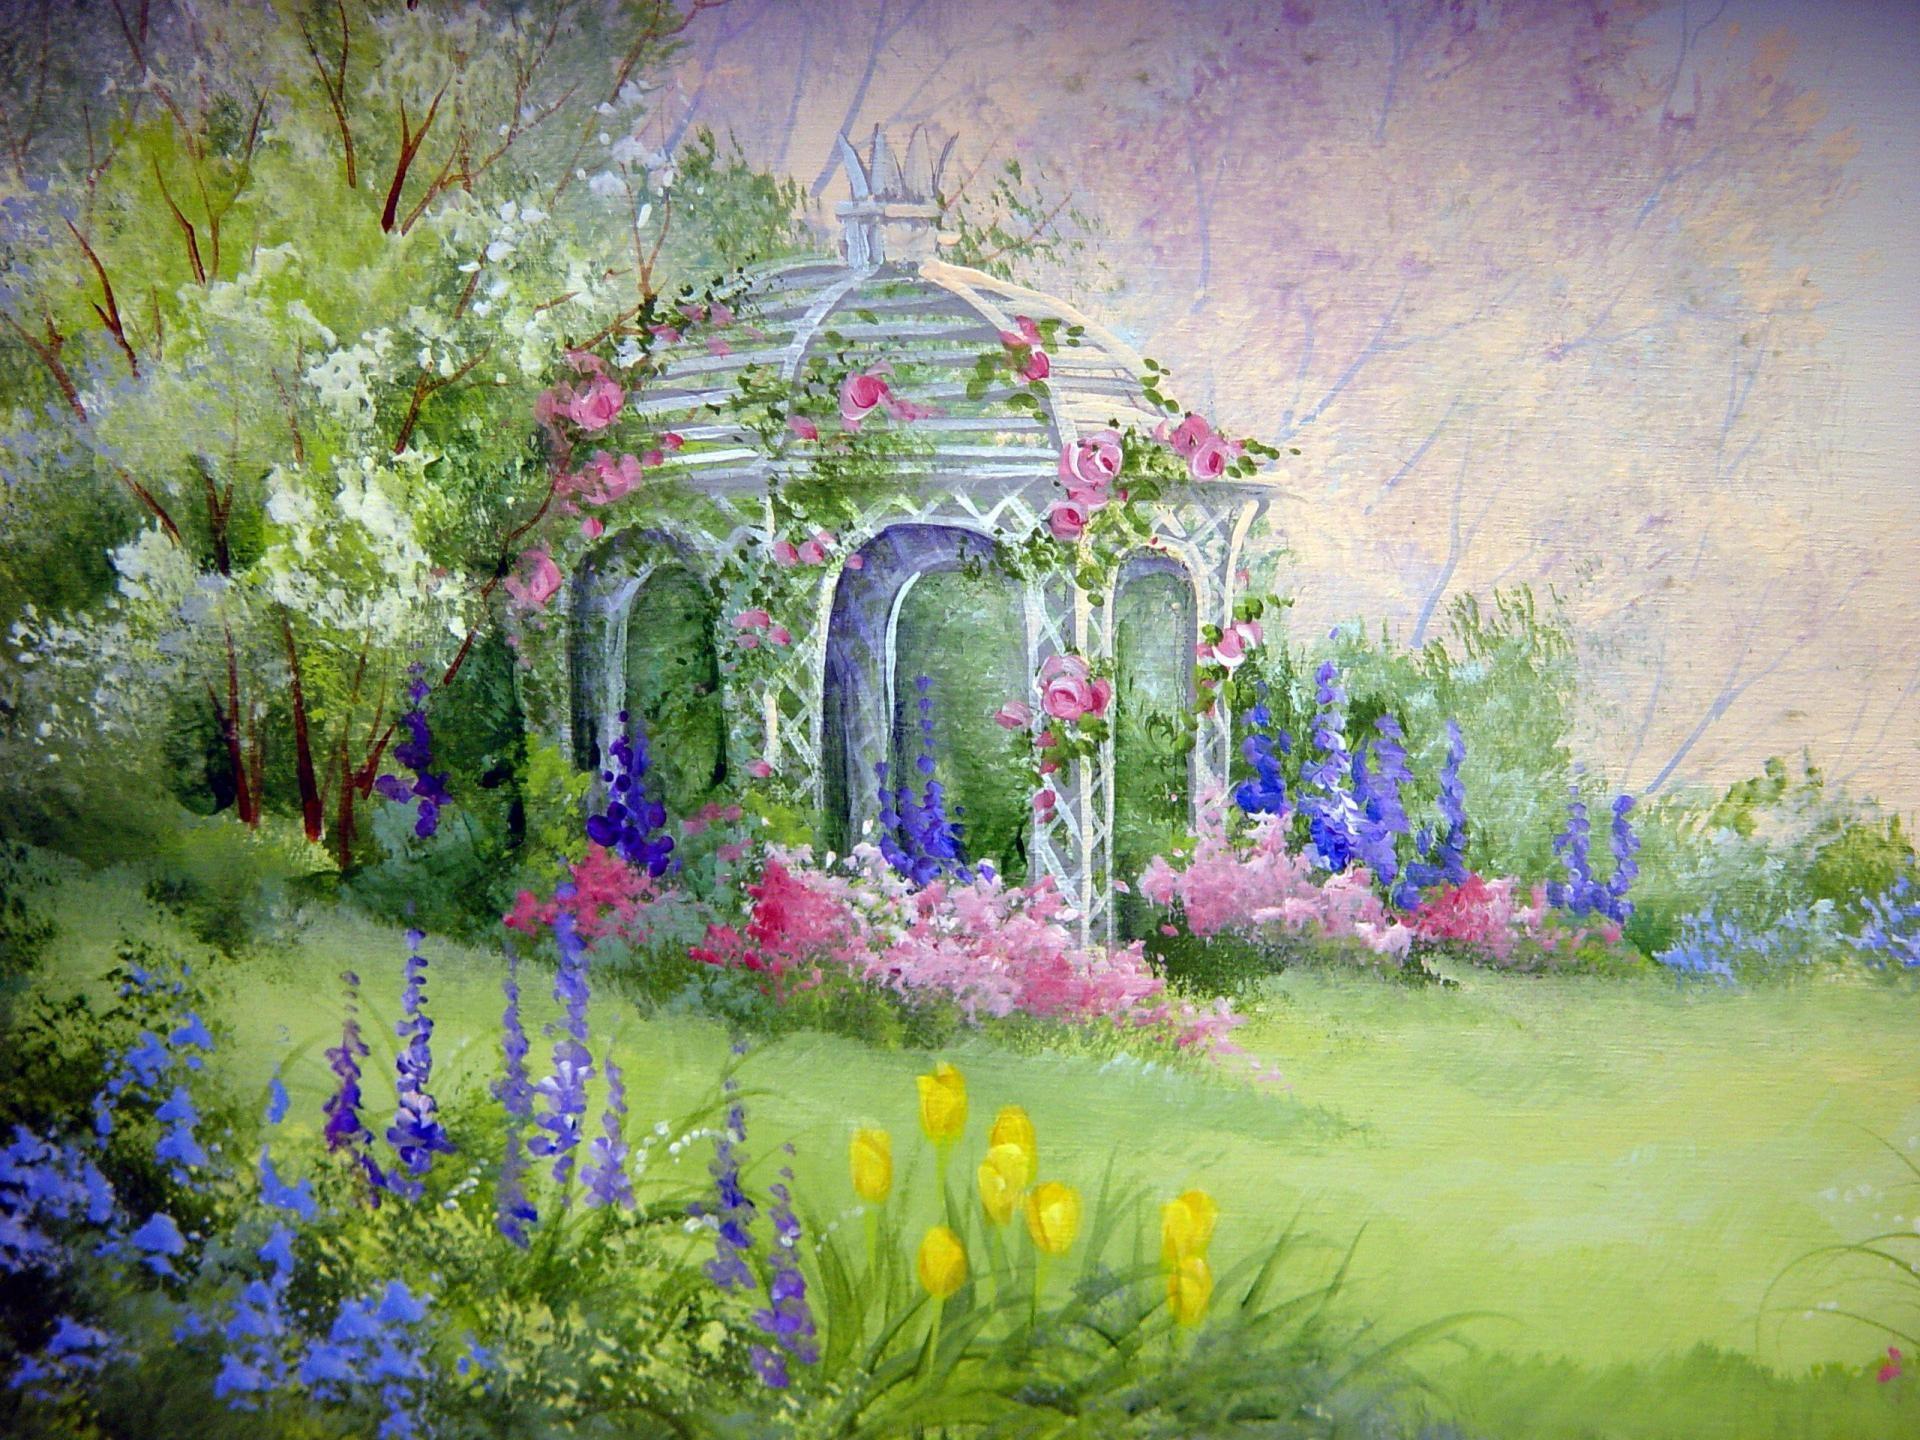 English Garden Mural Wallpapers Flower Painting Gardens And Gardening Garden Painting Garden Mural English Flower Garden